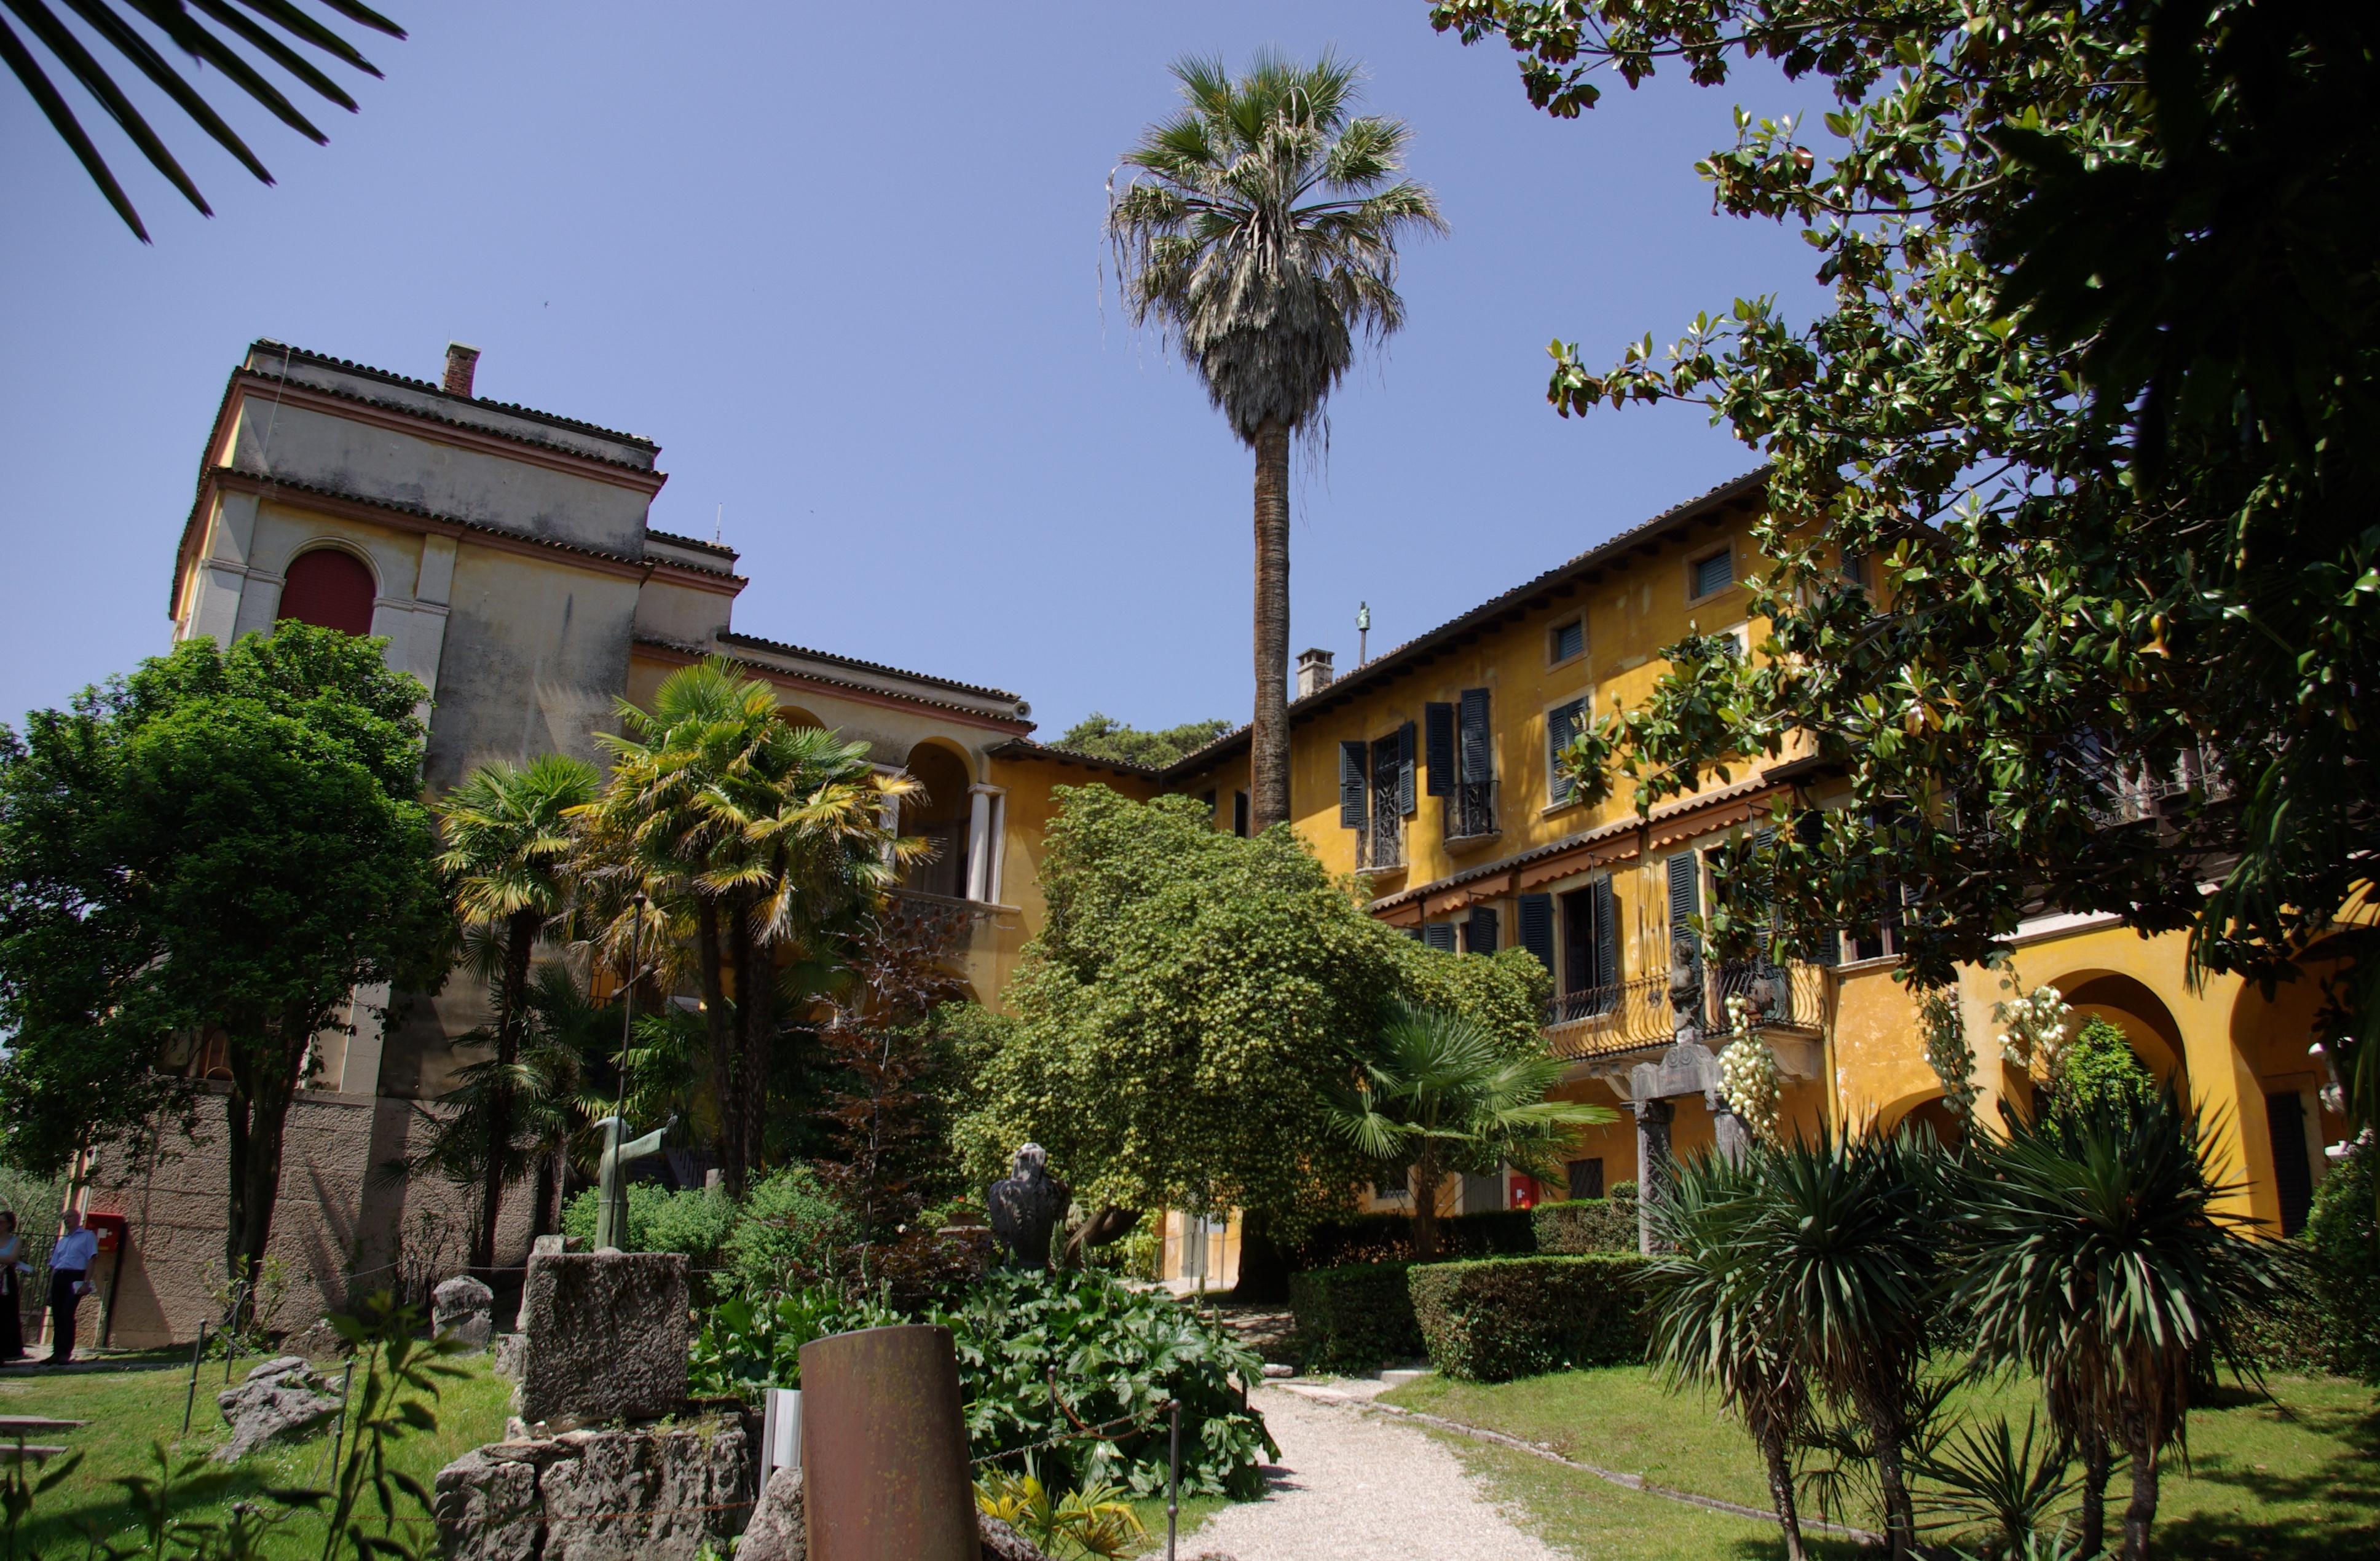 gardone-riviera-vittoriale-degli-italiani-004